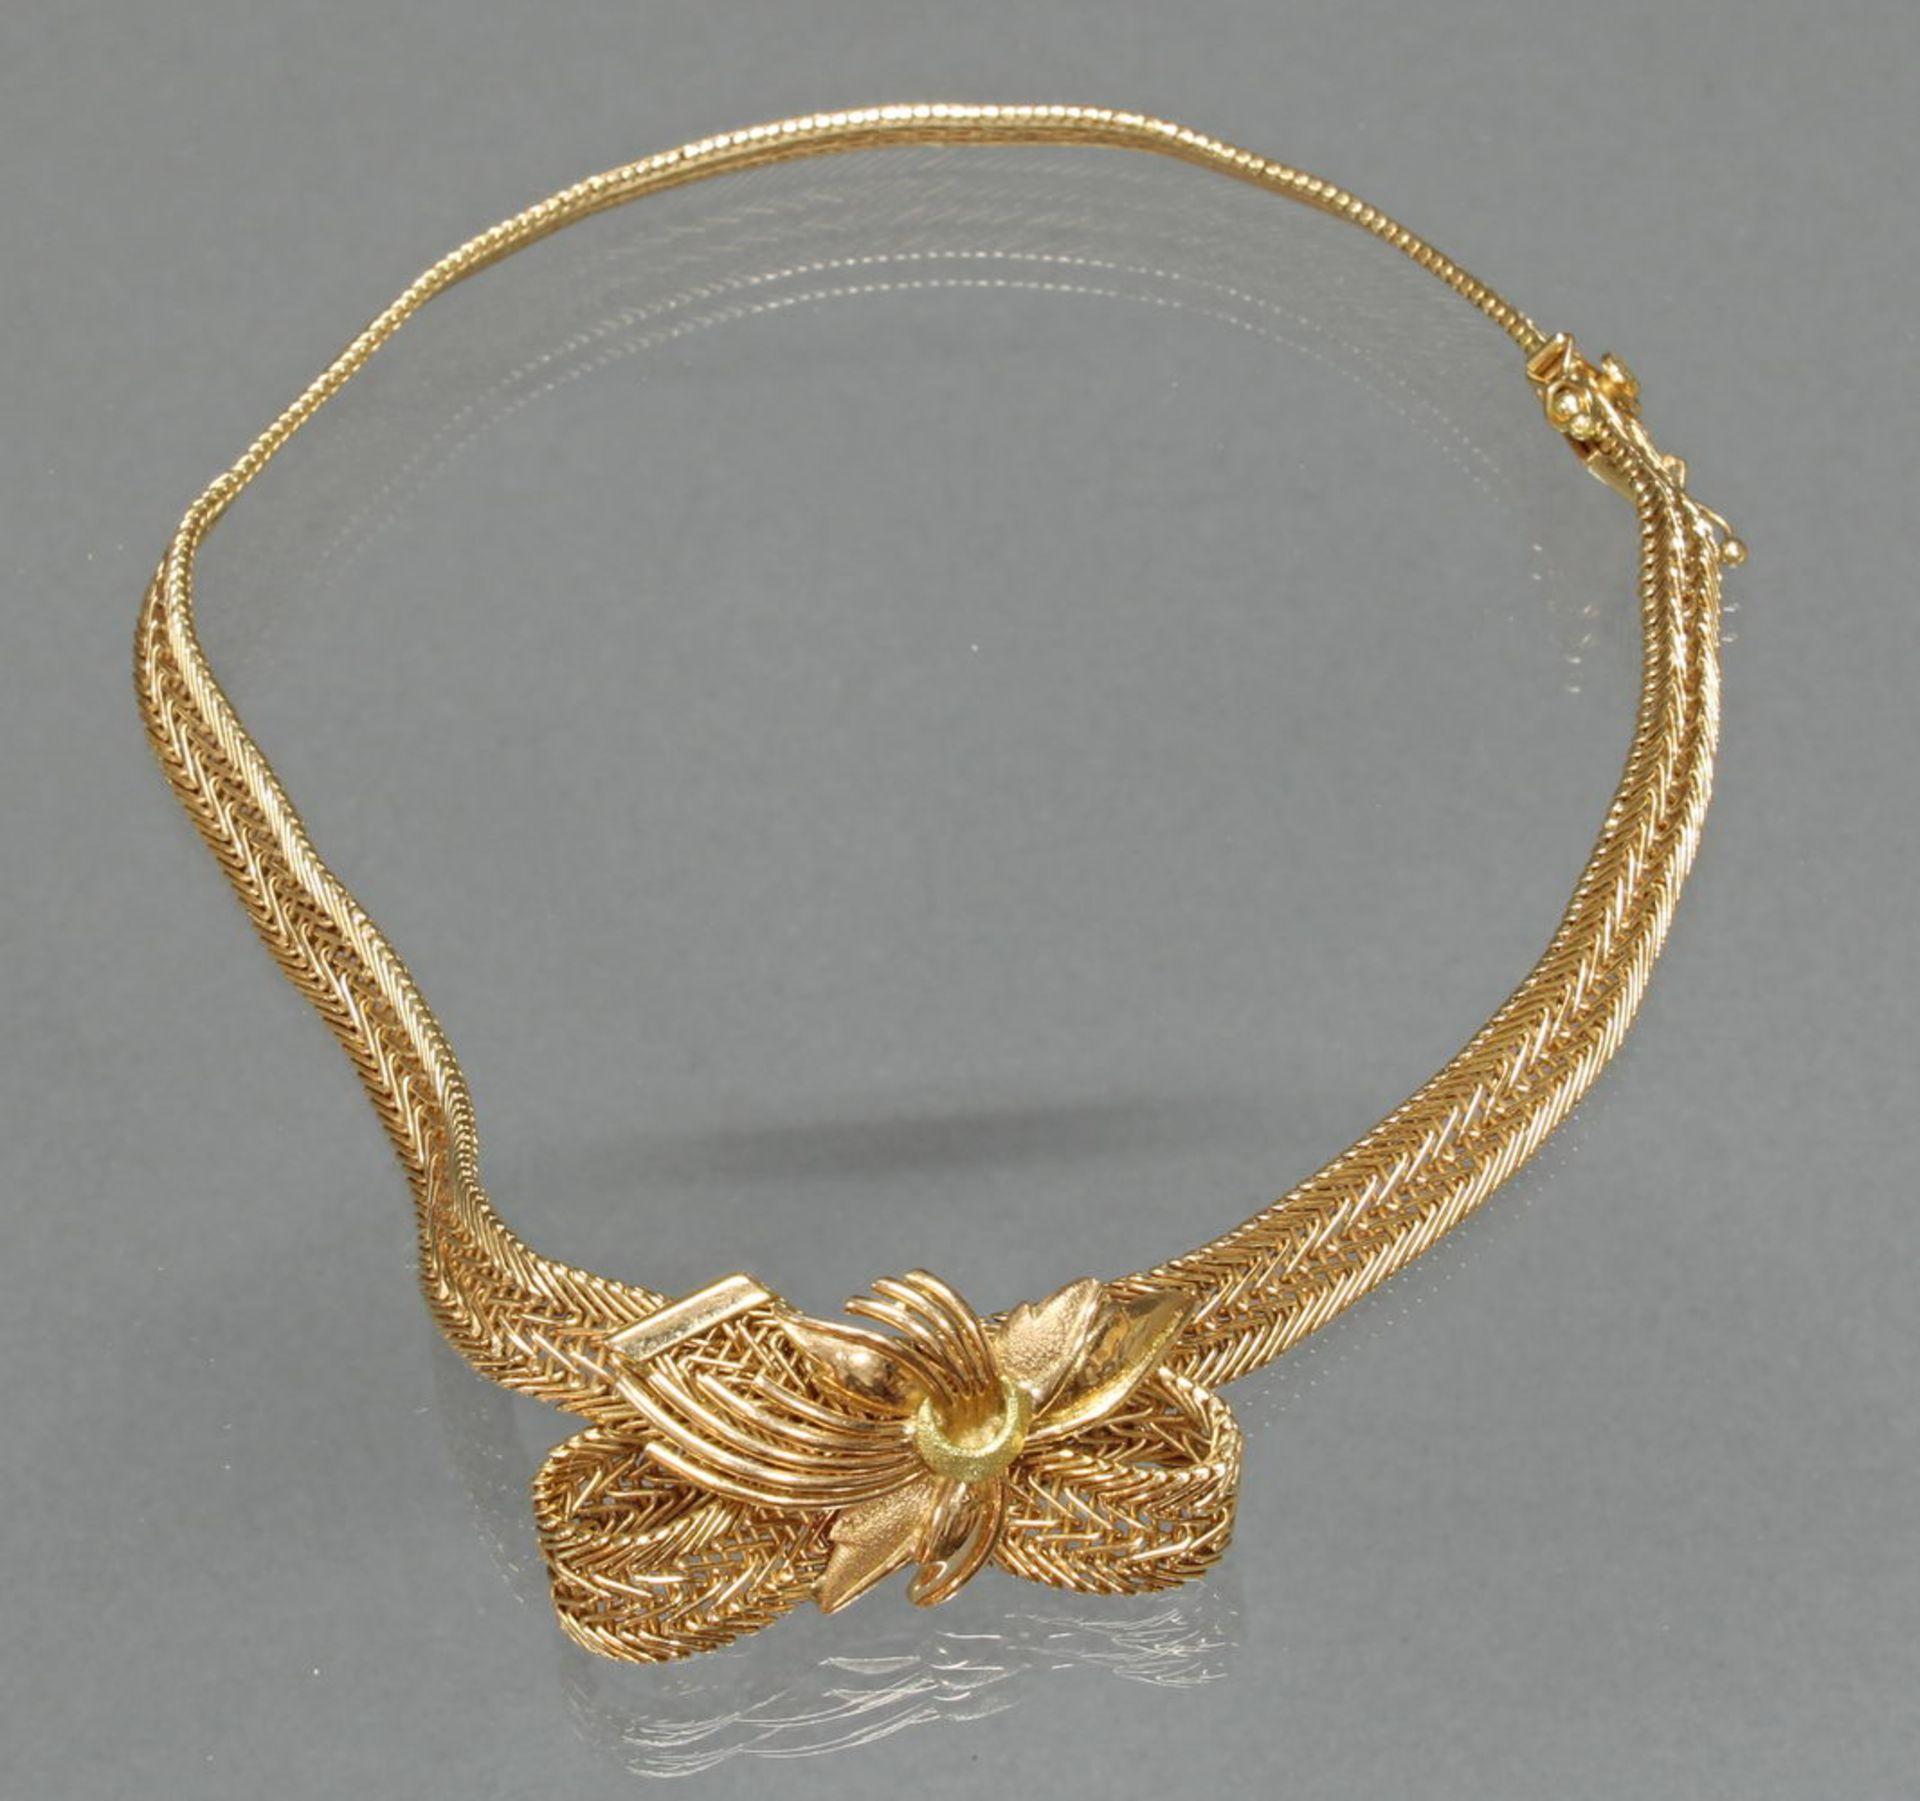 Collier, 1960er Jahre, RG/GG 750, seitliche Goldschleife, 36 cm lang, 48 g